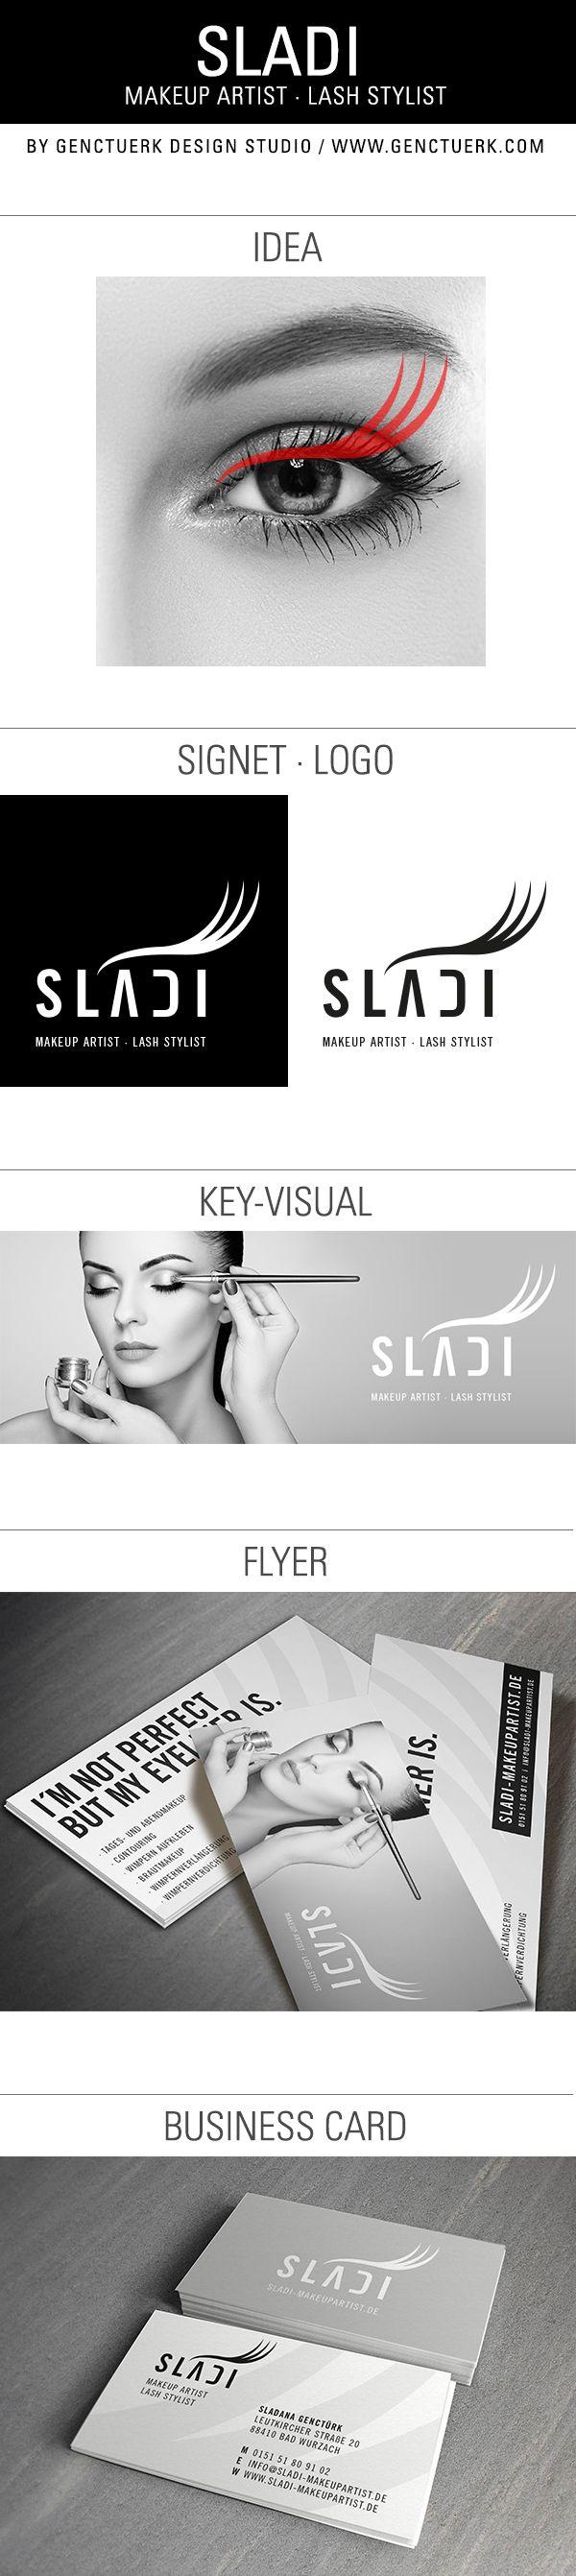 """Mein @Behance-Projekt: """"SLADI  Makeup Artist · Lash Stylist"""" https://www.behance.net/gallery/48646461/SLADI-Makeup-Artist-Lash-Stylist"""